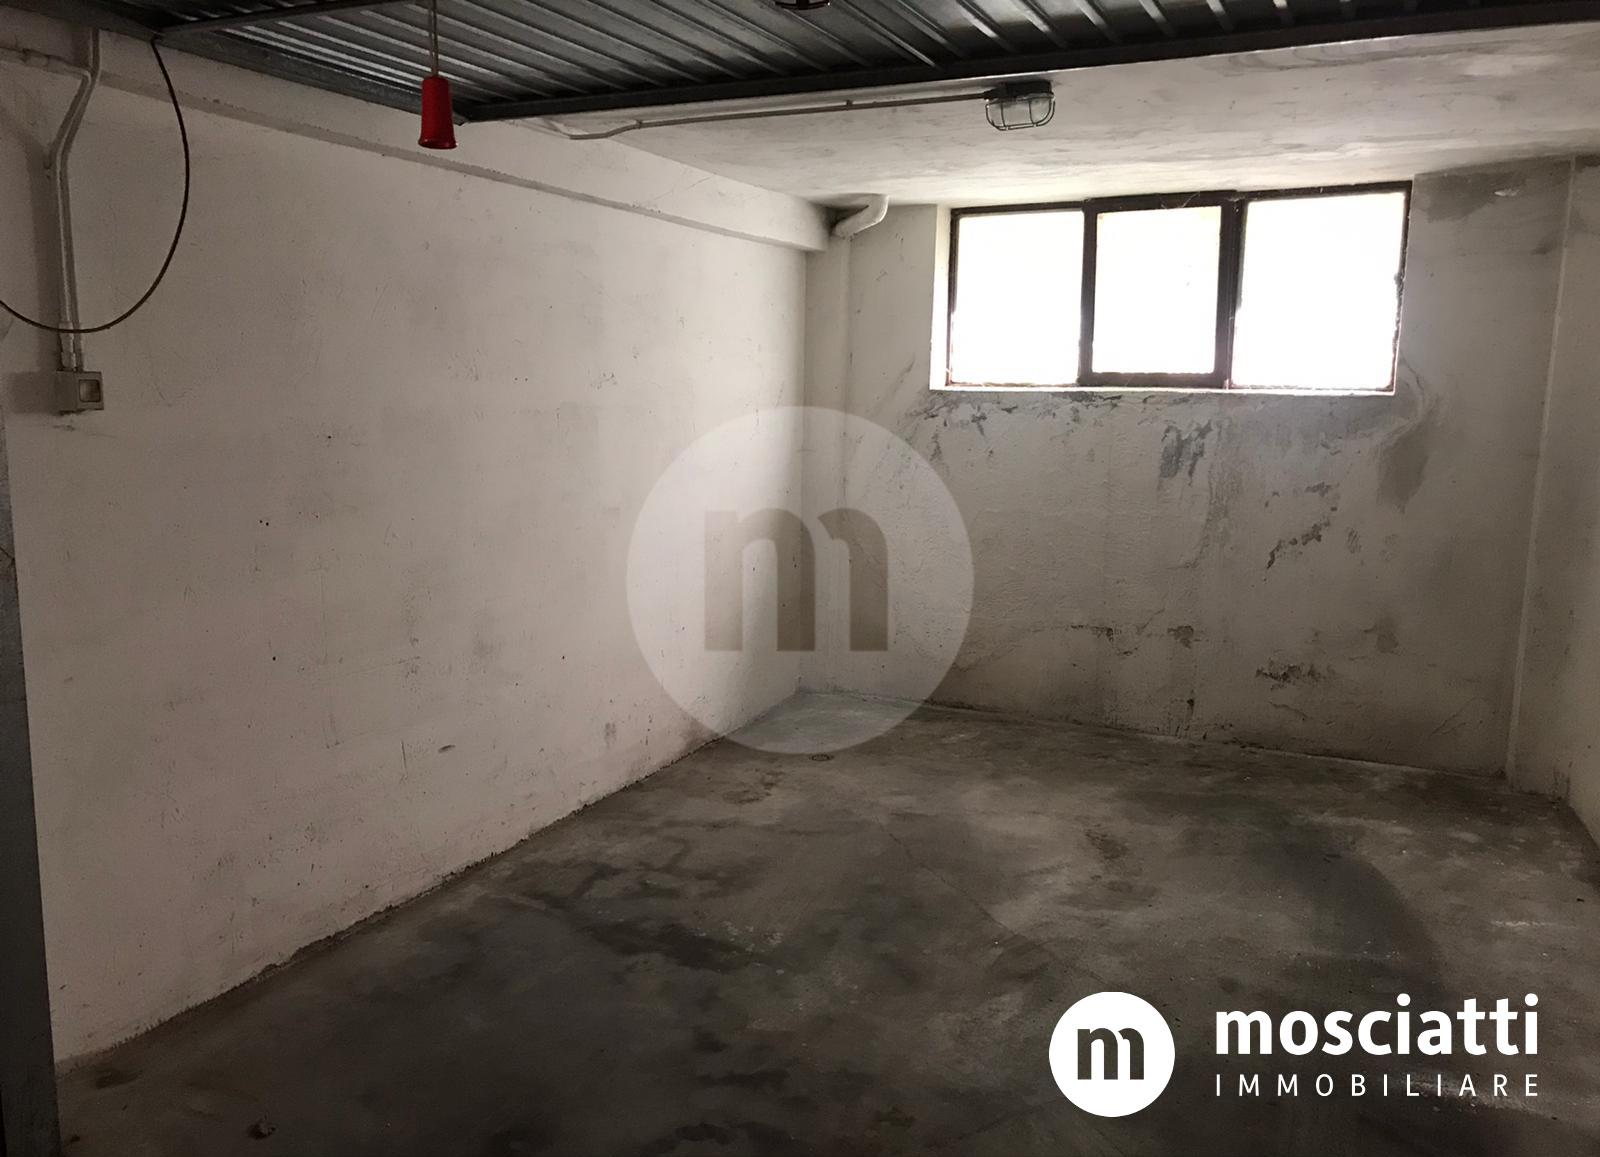 Matelica, Centro Storico in Vicolo Orfanelle, vendesi garage - 1